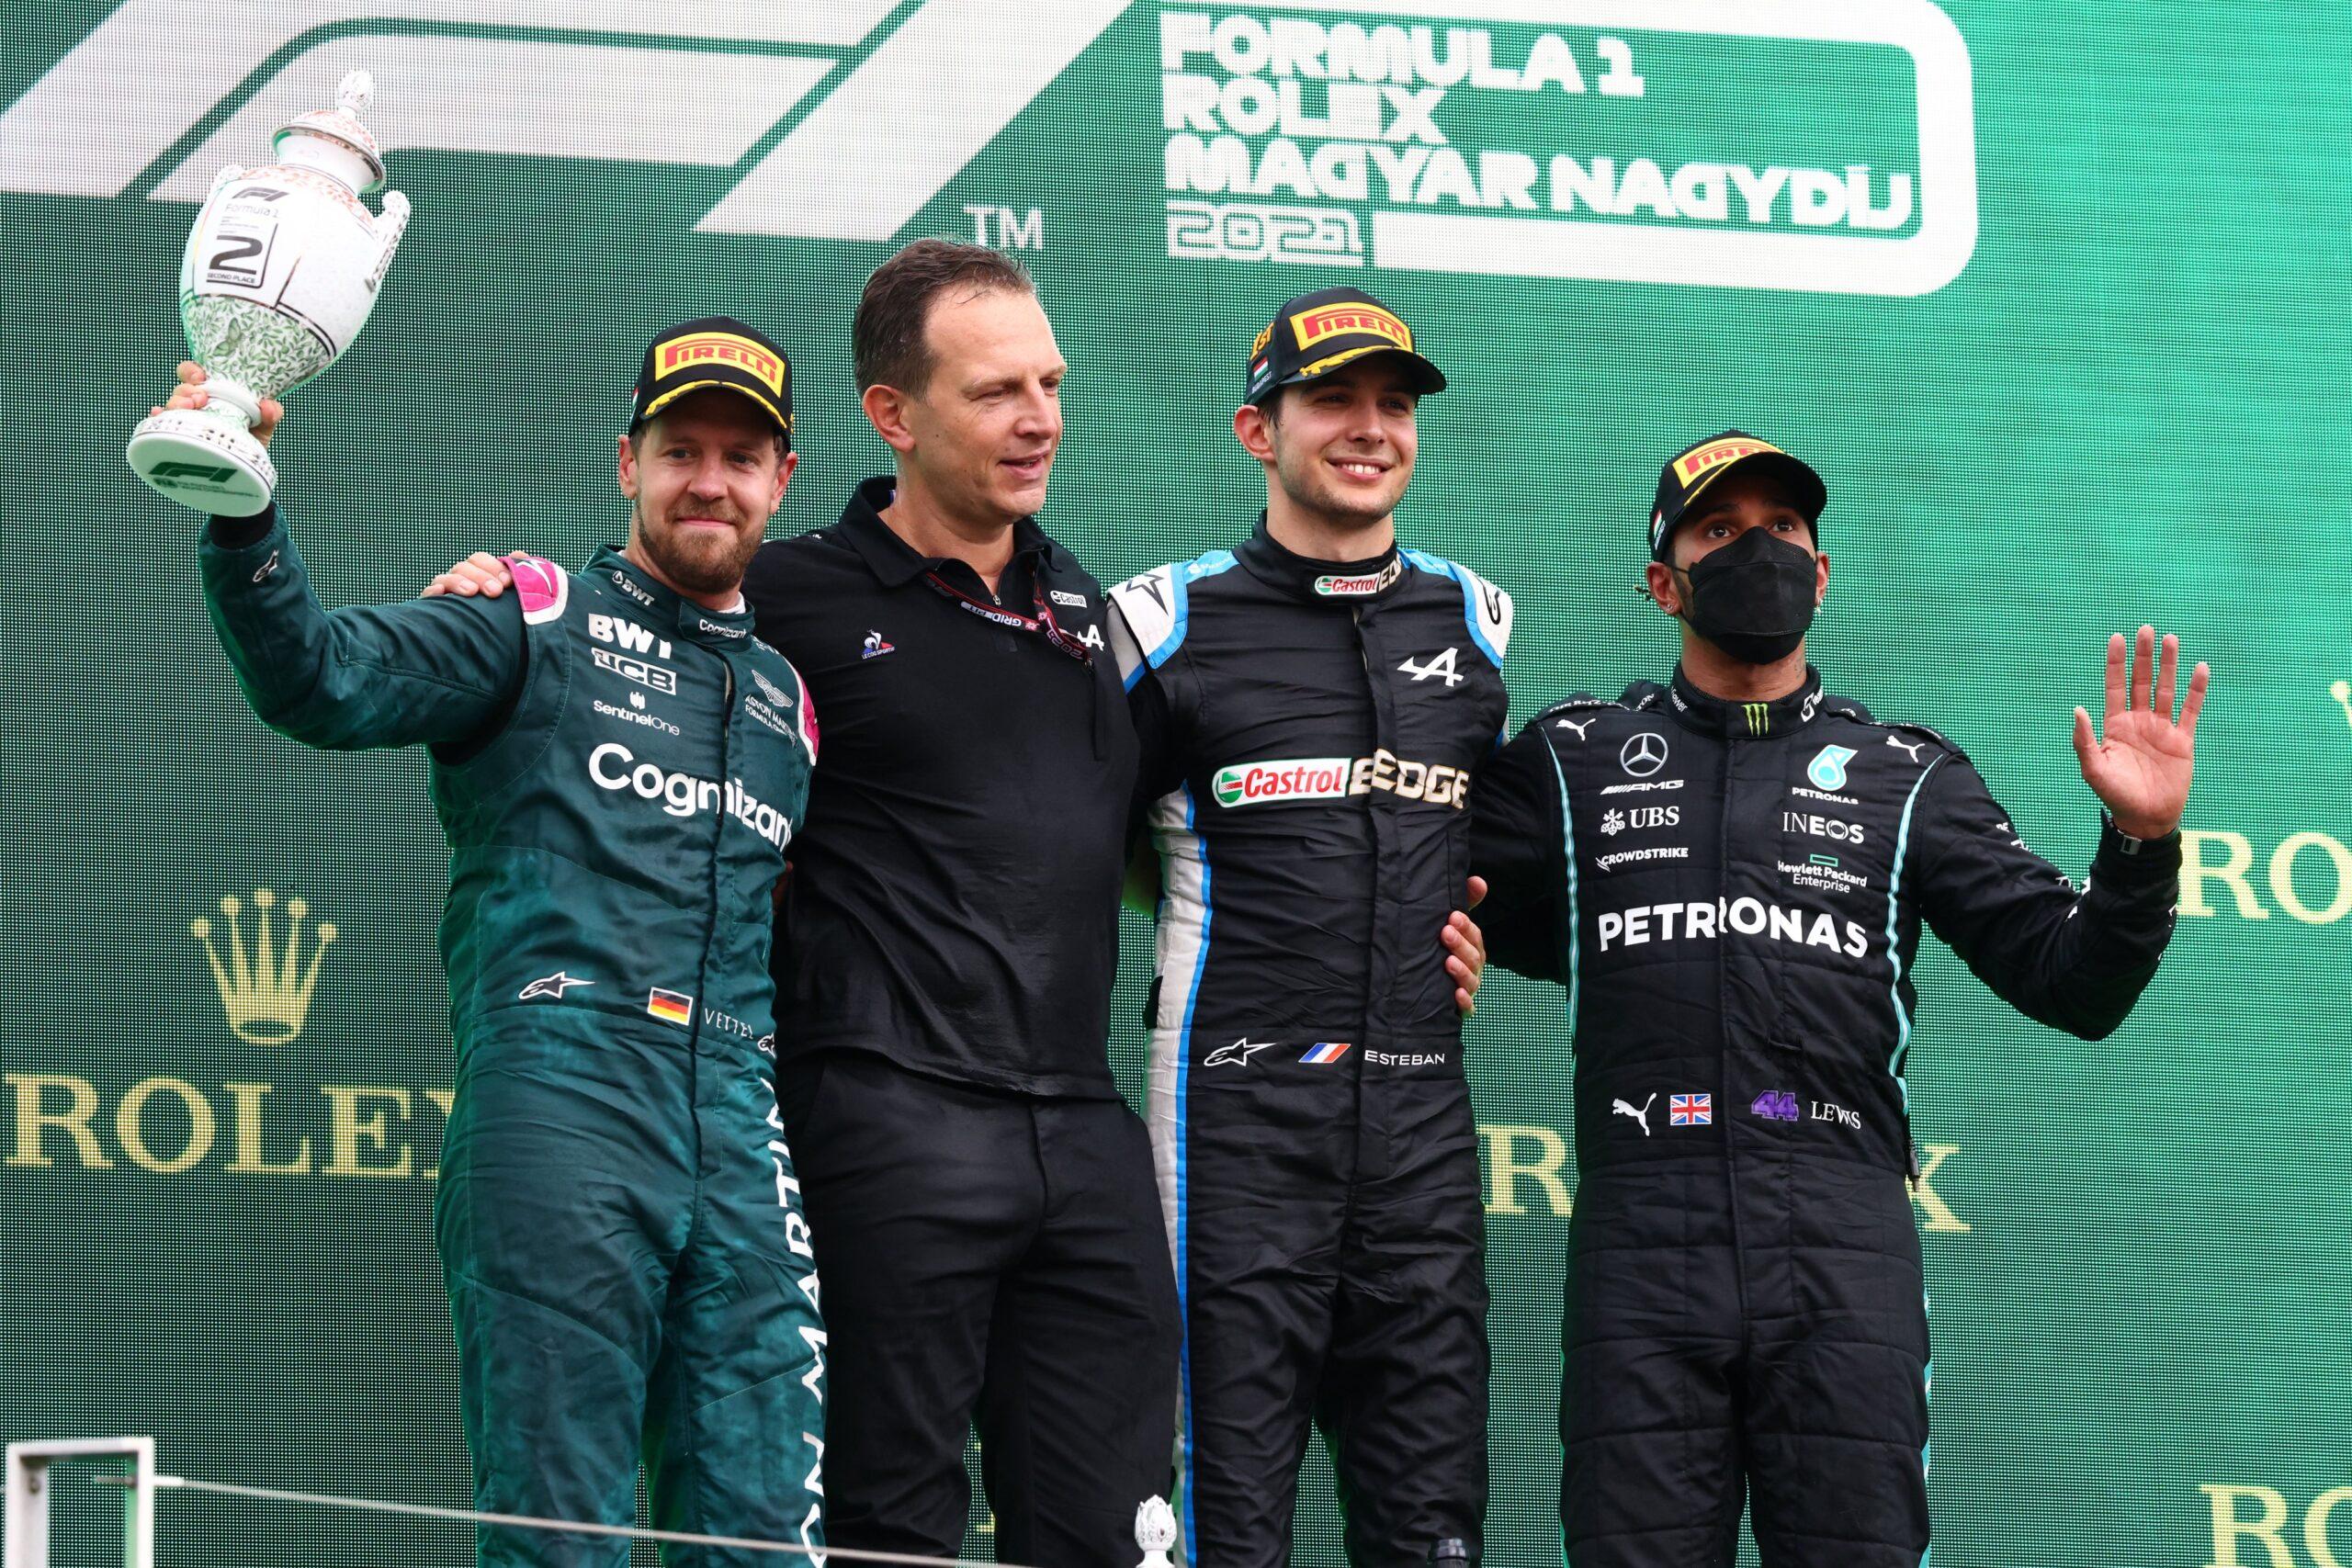 Esteban Ocon logra su primera victoria en F1 en el caótico GP de Hungría